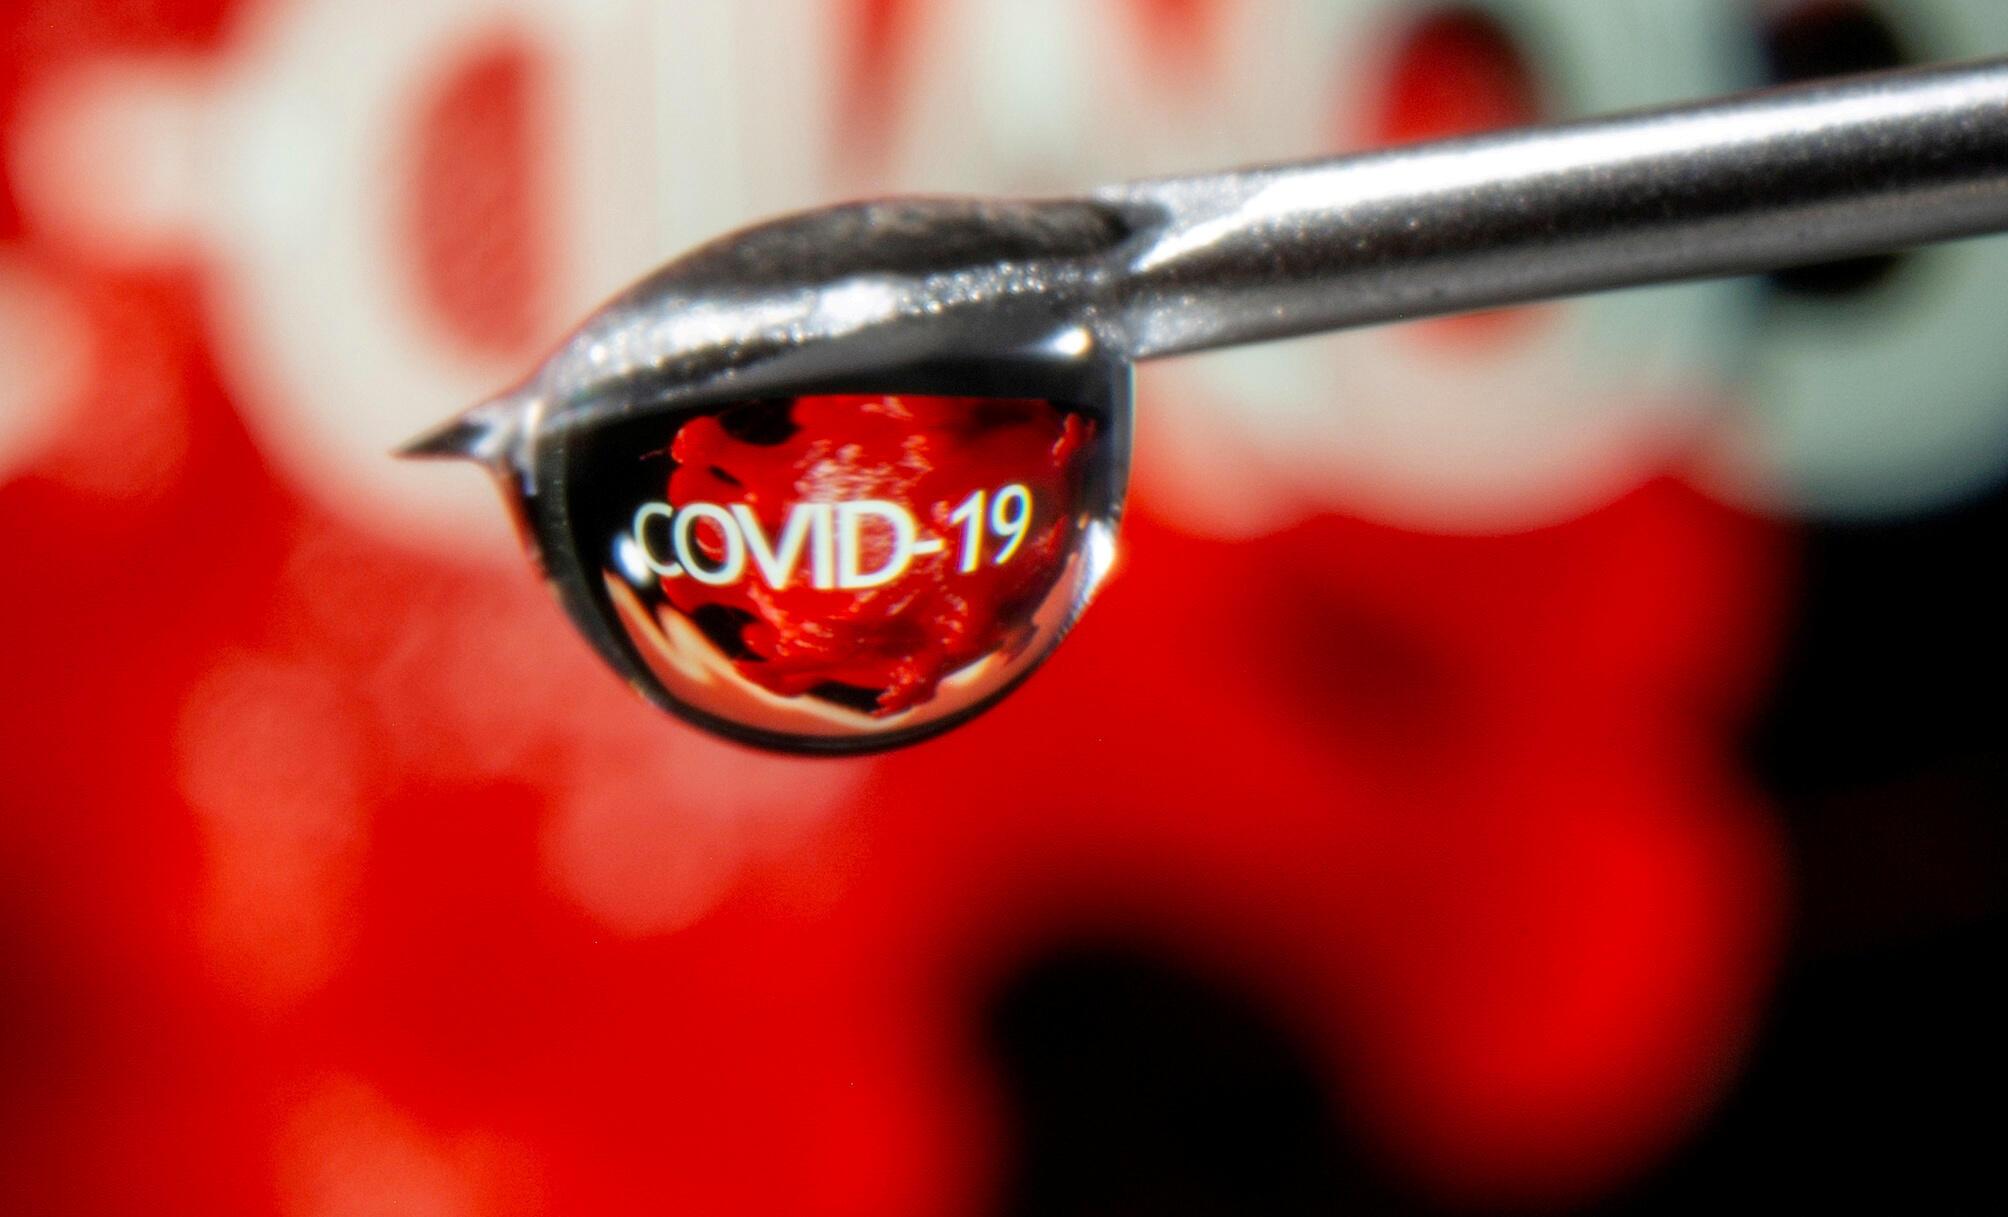 2020-12-18T133114Z_598285588_RC2PPK9P5Z94_RTRMADP_3_HEALTH-CORONAVIRUS-COVAX